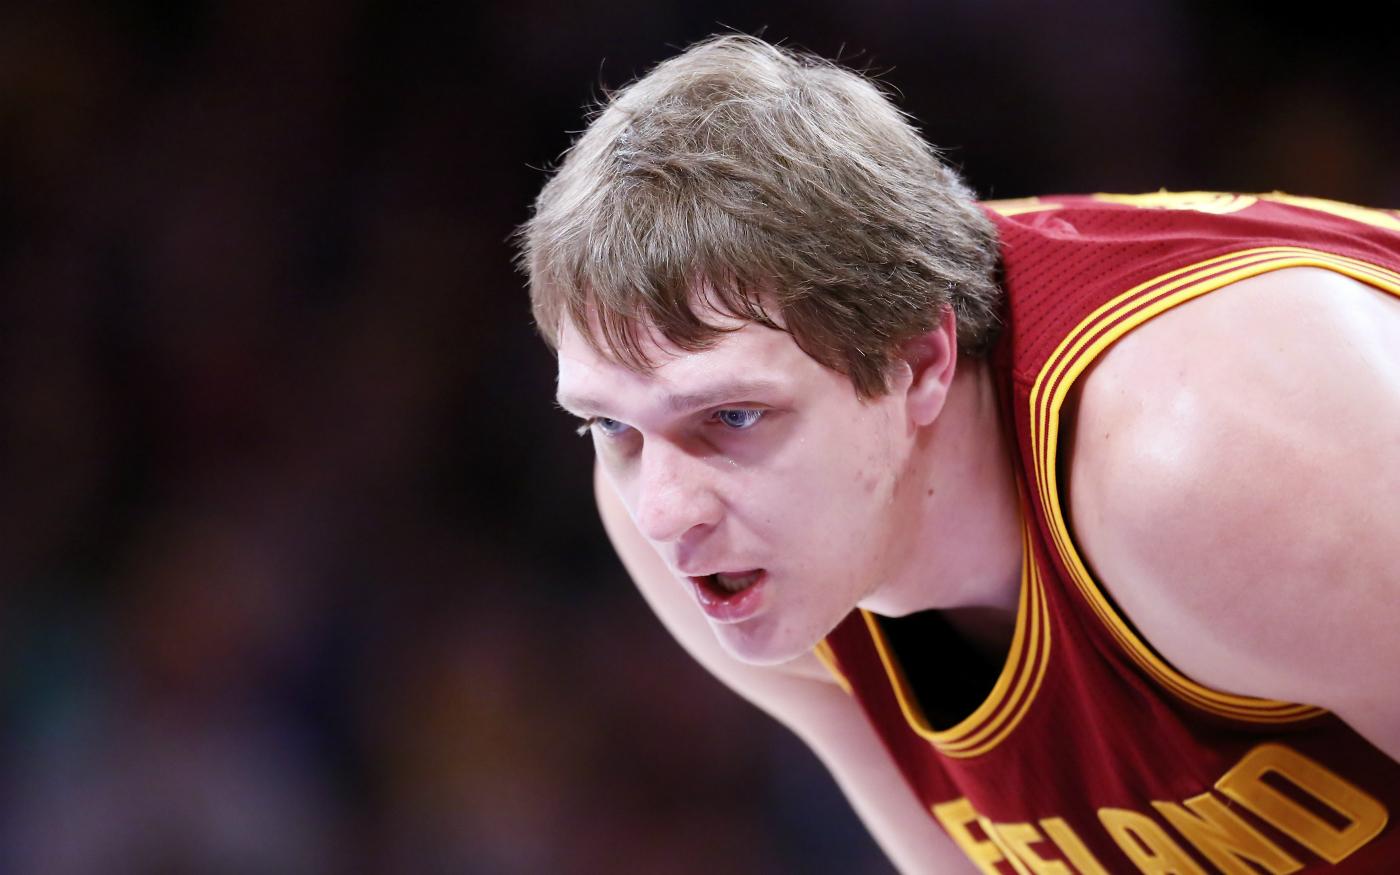 Timofey Mozgov dévoile pourquoi il a signé aux Lakers, et ce n'est pas l'argent…